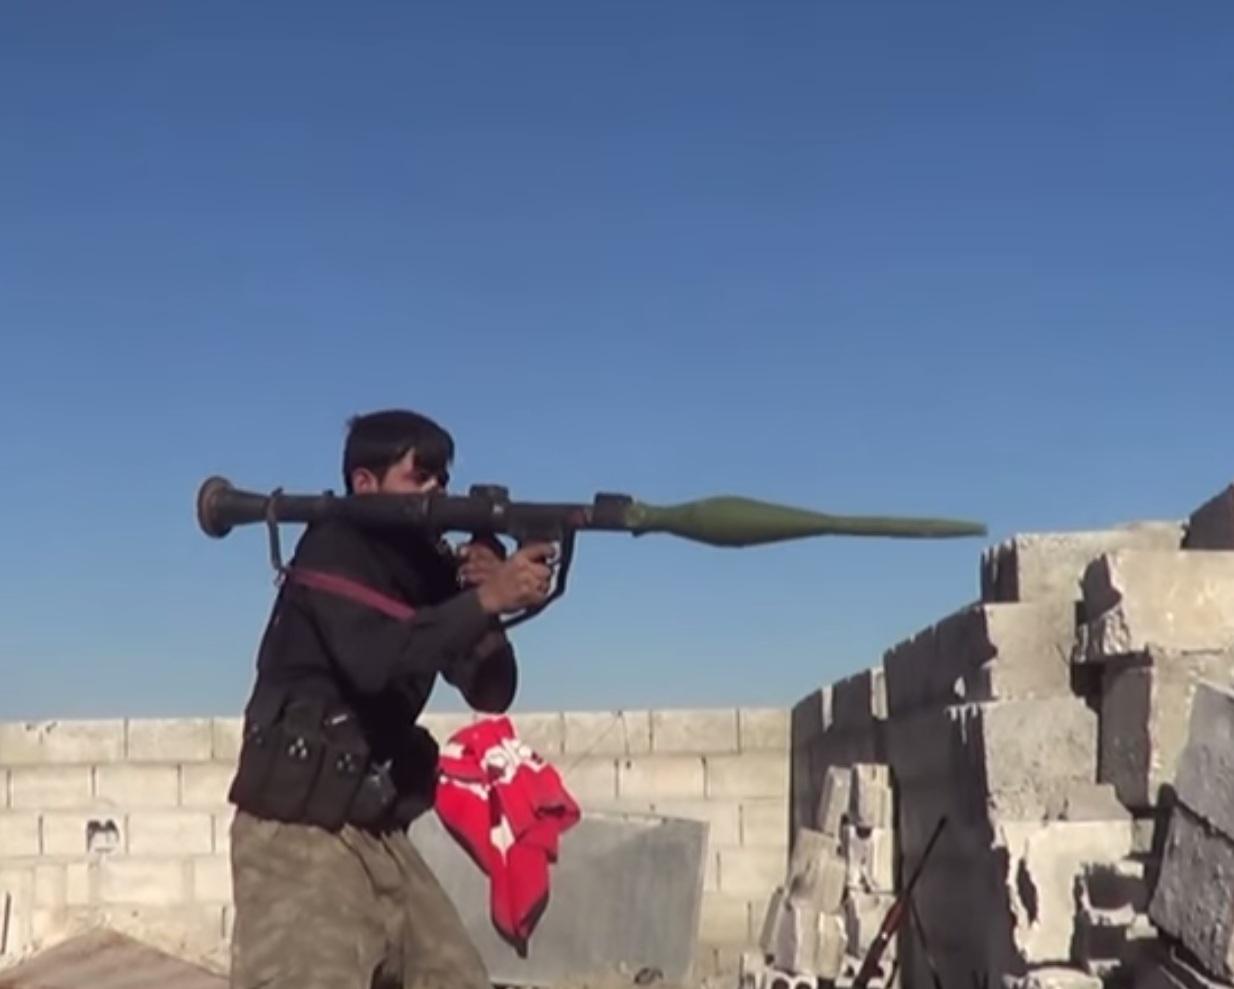 مسابقة في مجال القوات البرية - صفحة 5 Iranian-Tandem-Charge-projectile